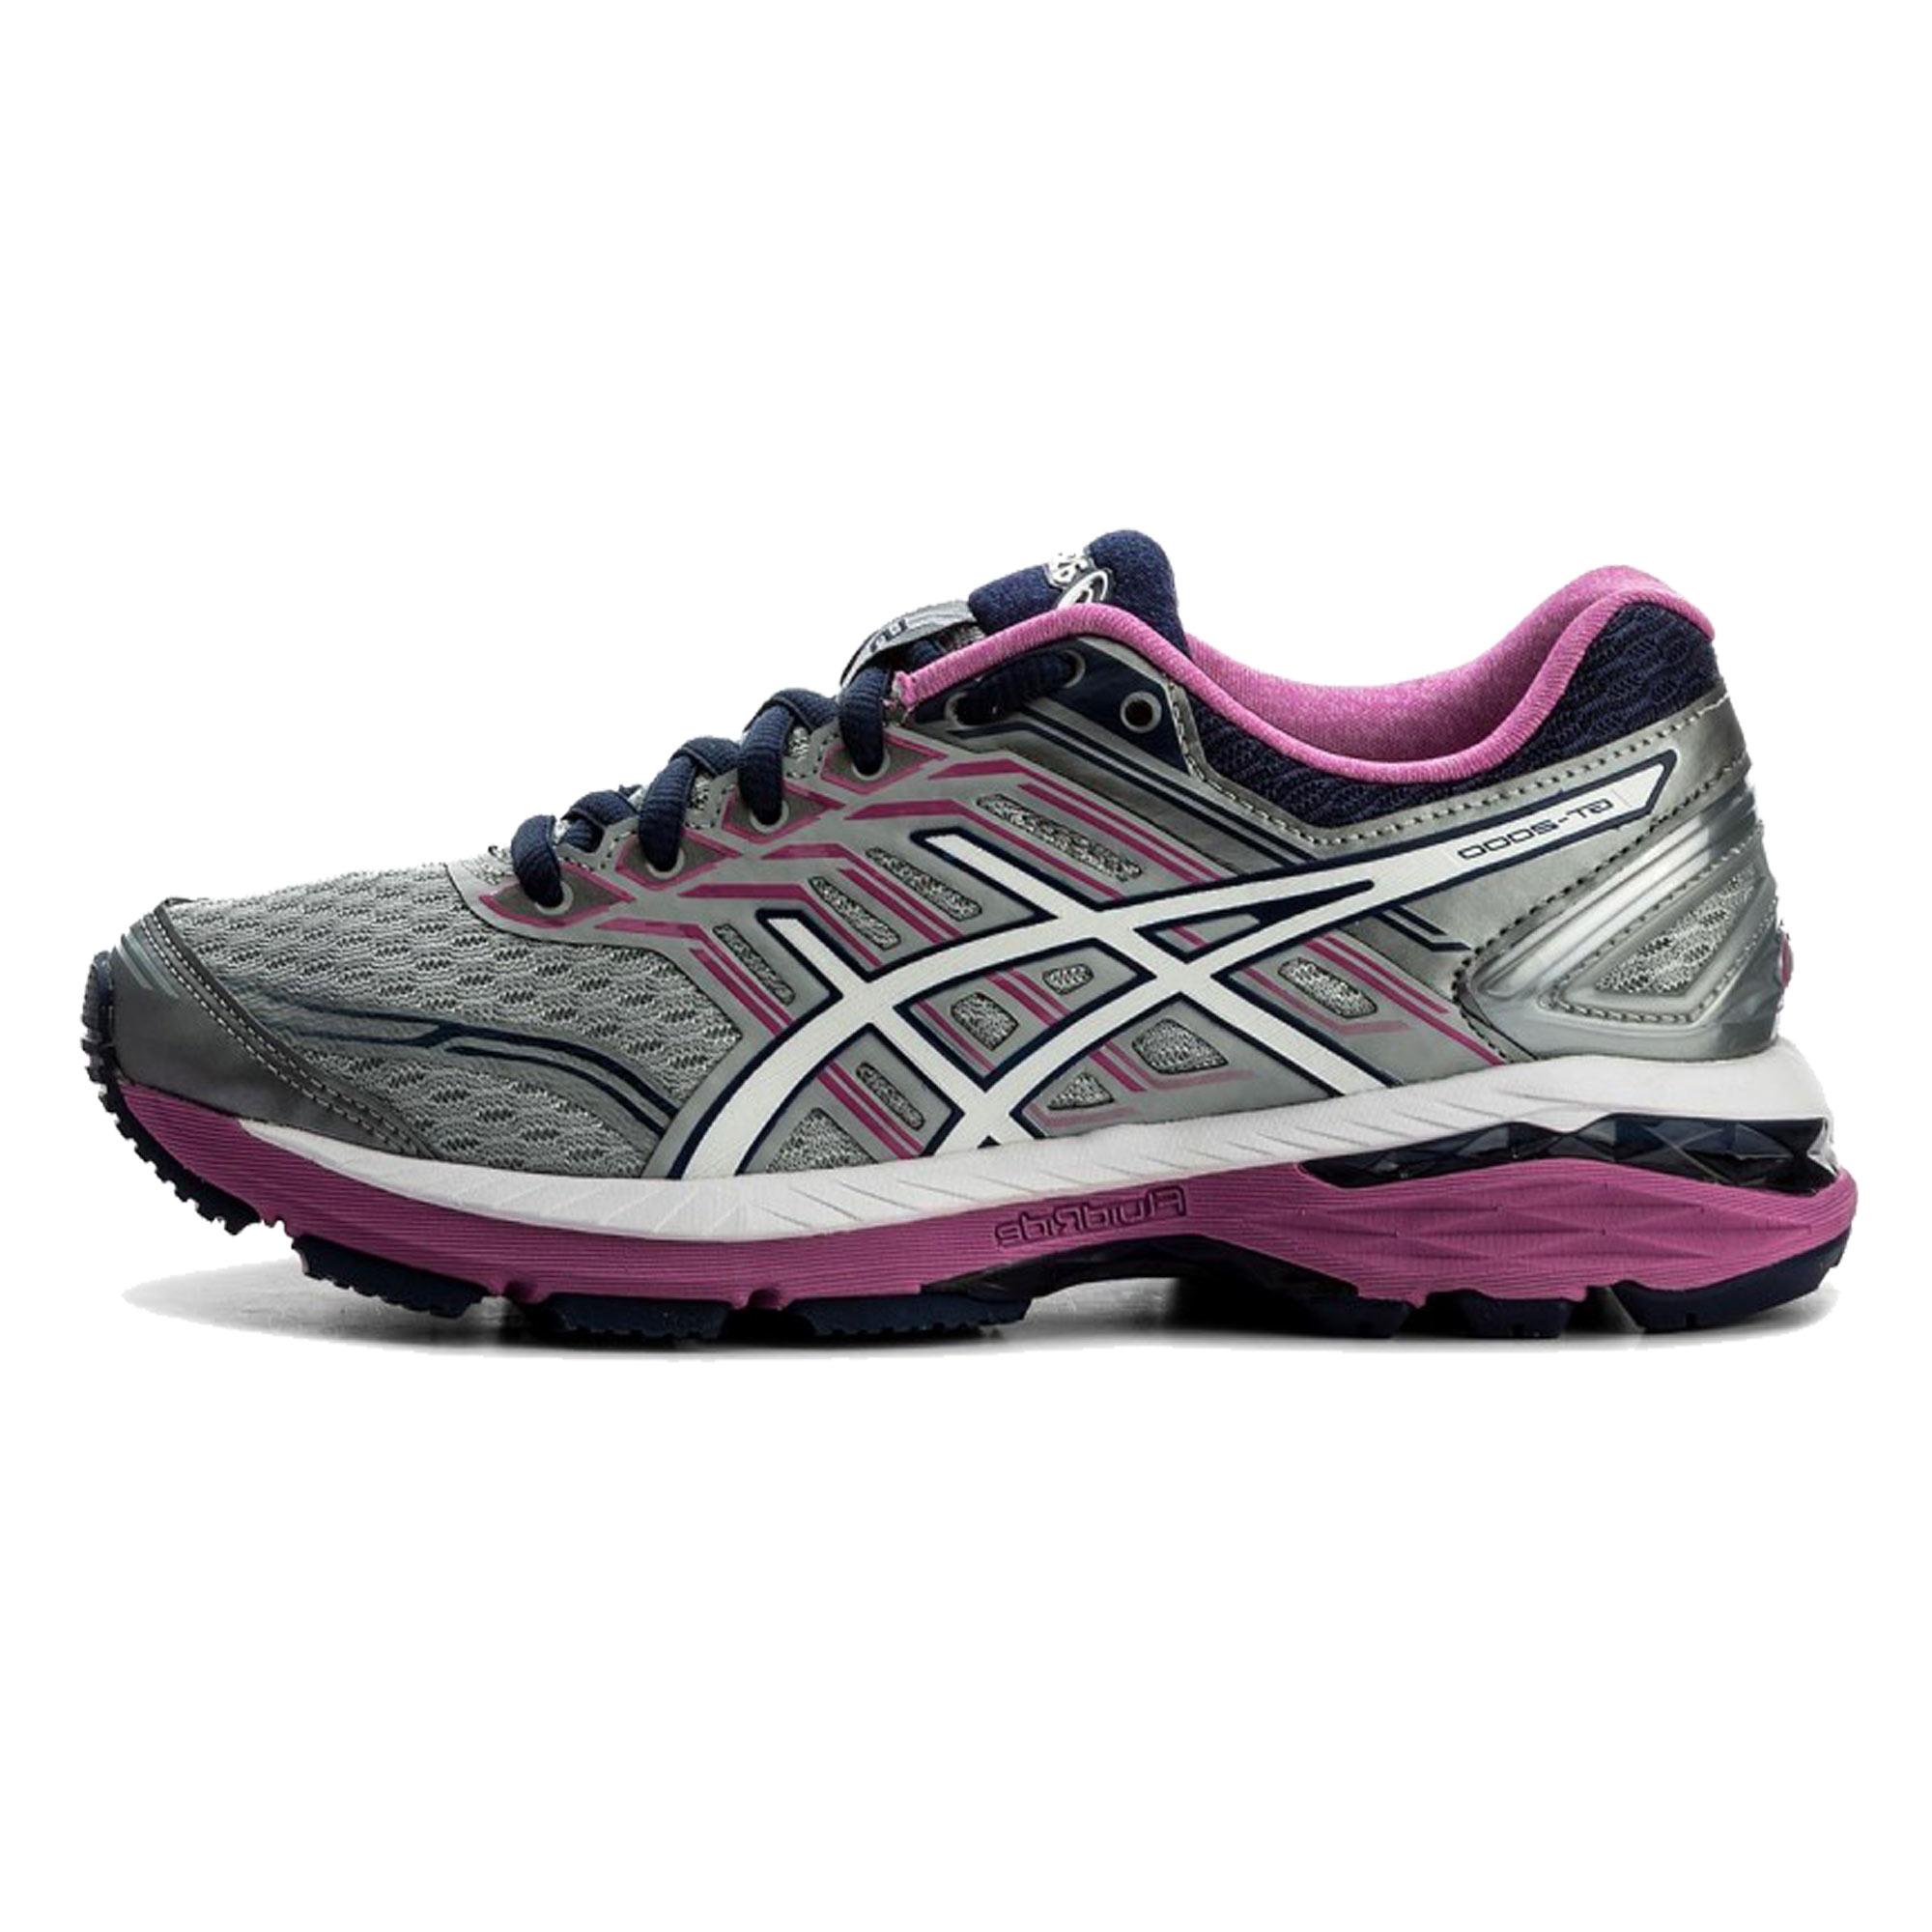 خرید کفش ورزشی زنانه اسیکس مدل GT-2000 5 2A